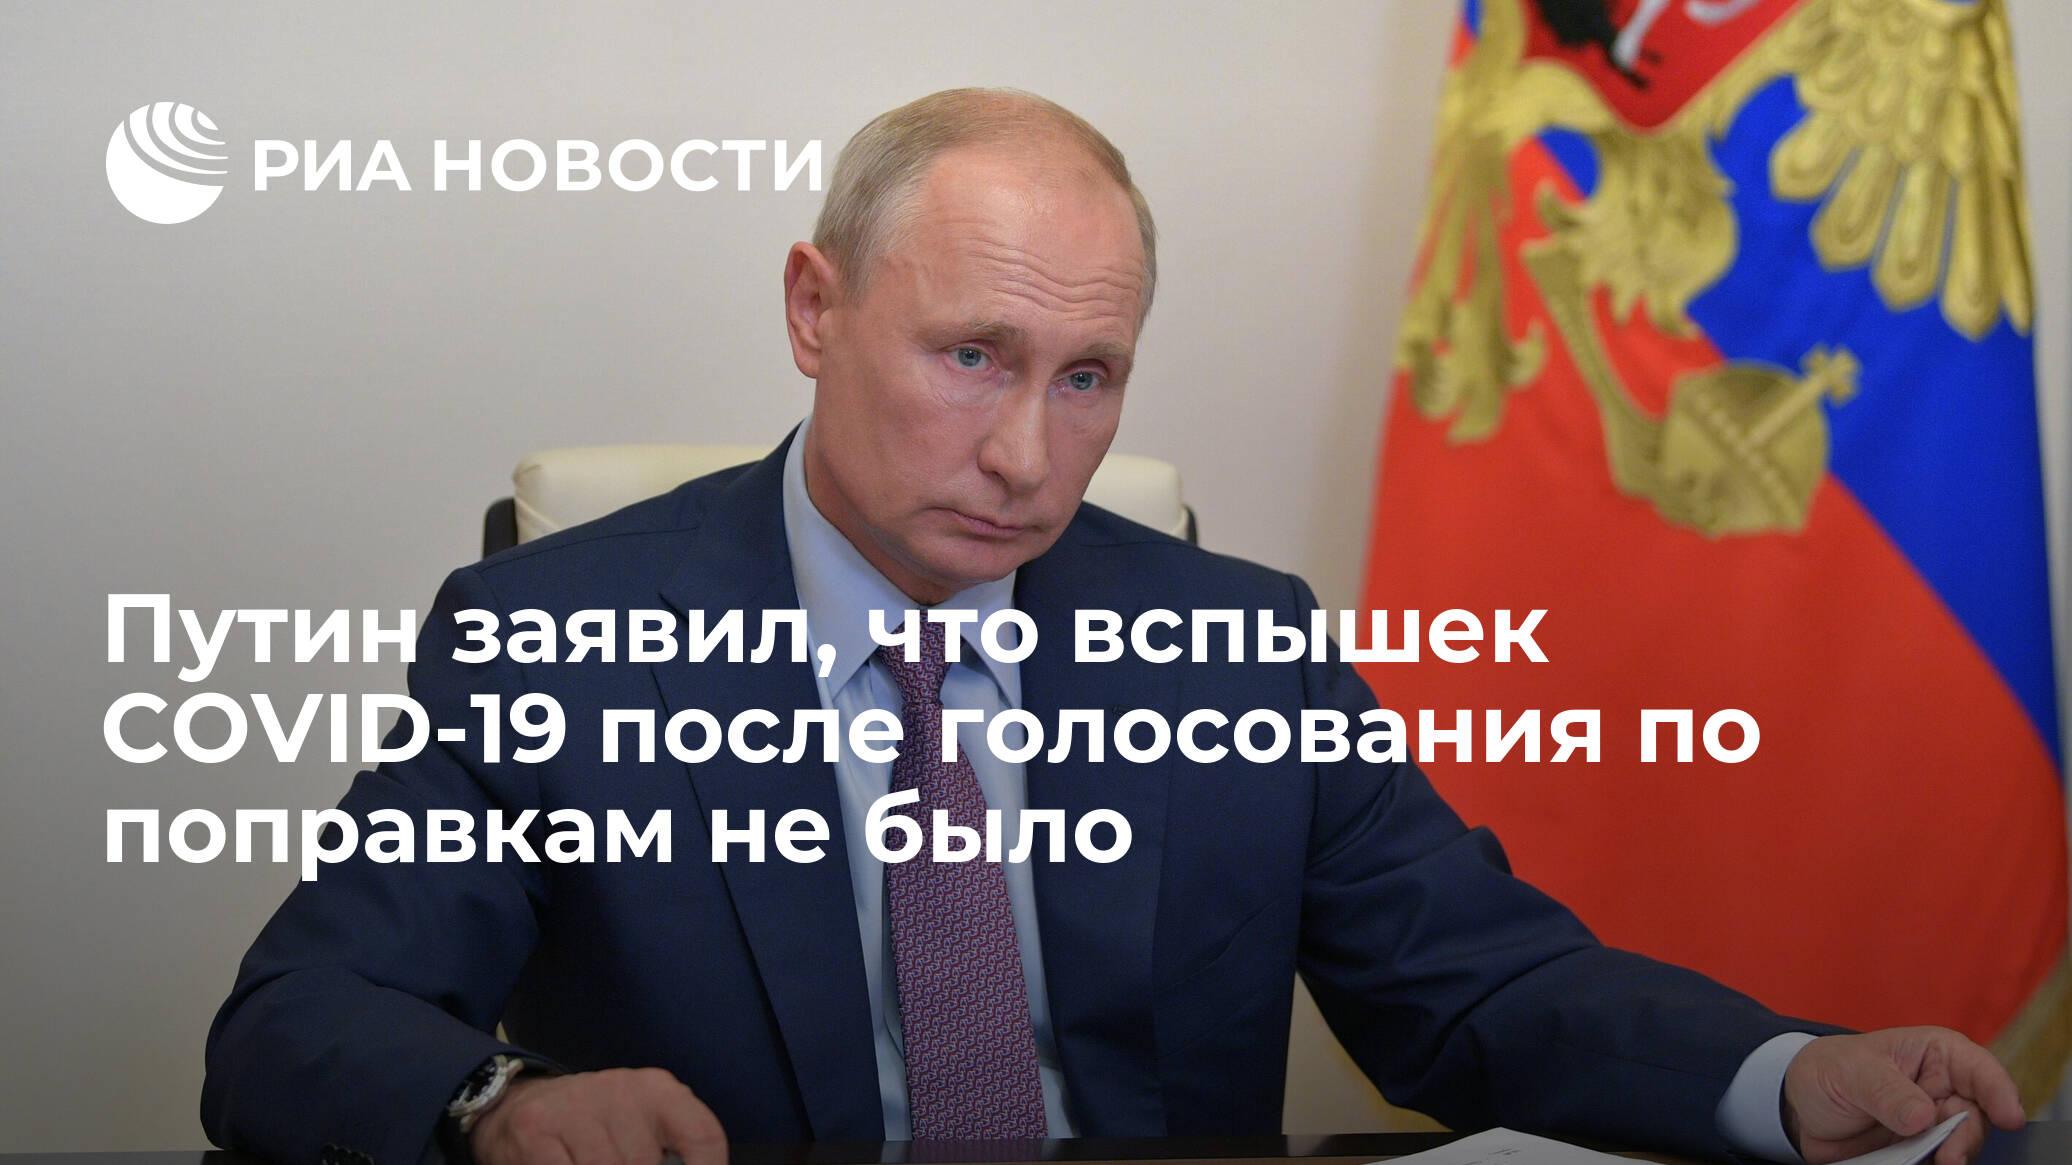 Путин заявил, что вспышек COVID-19 после голосования по поправкам не было